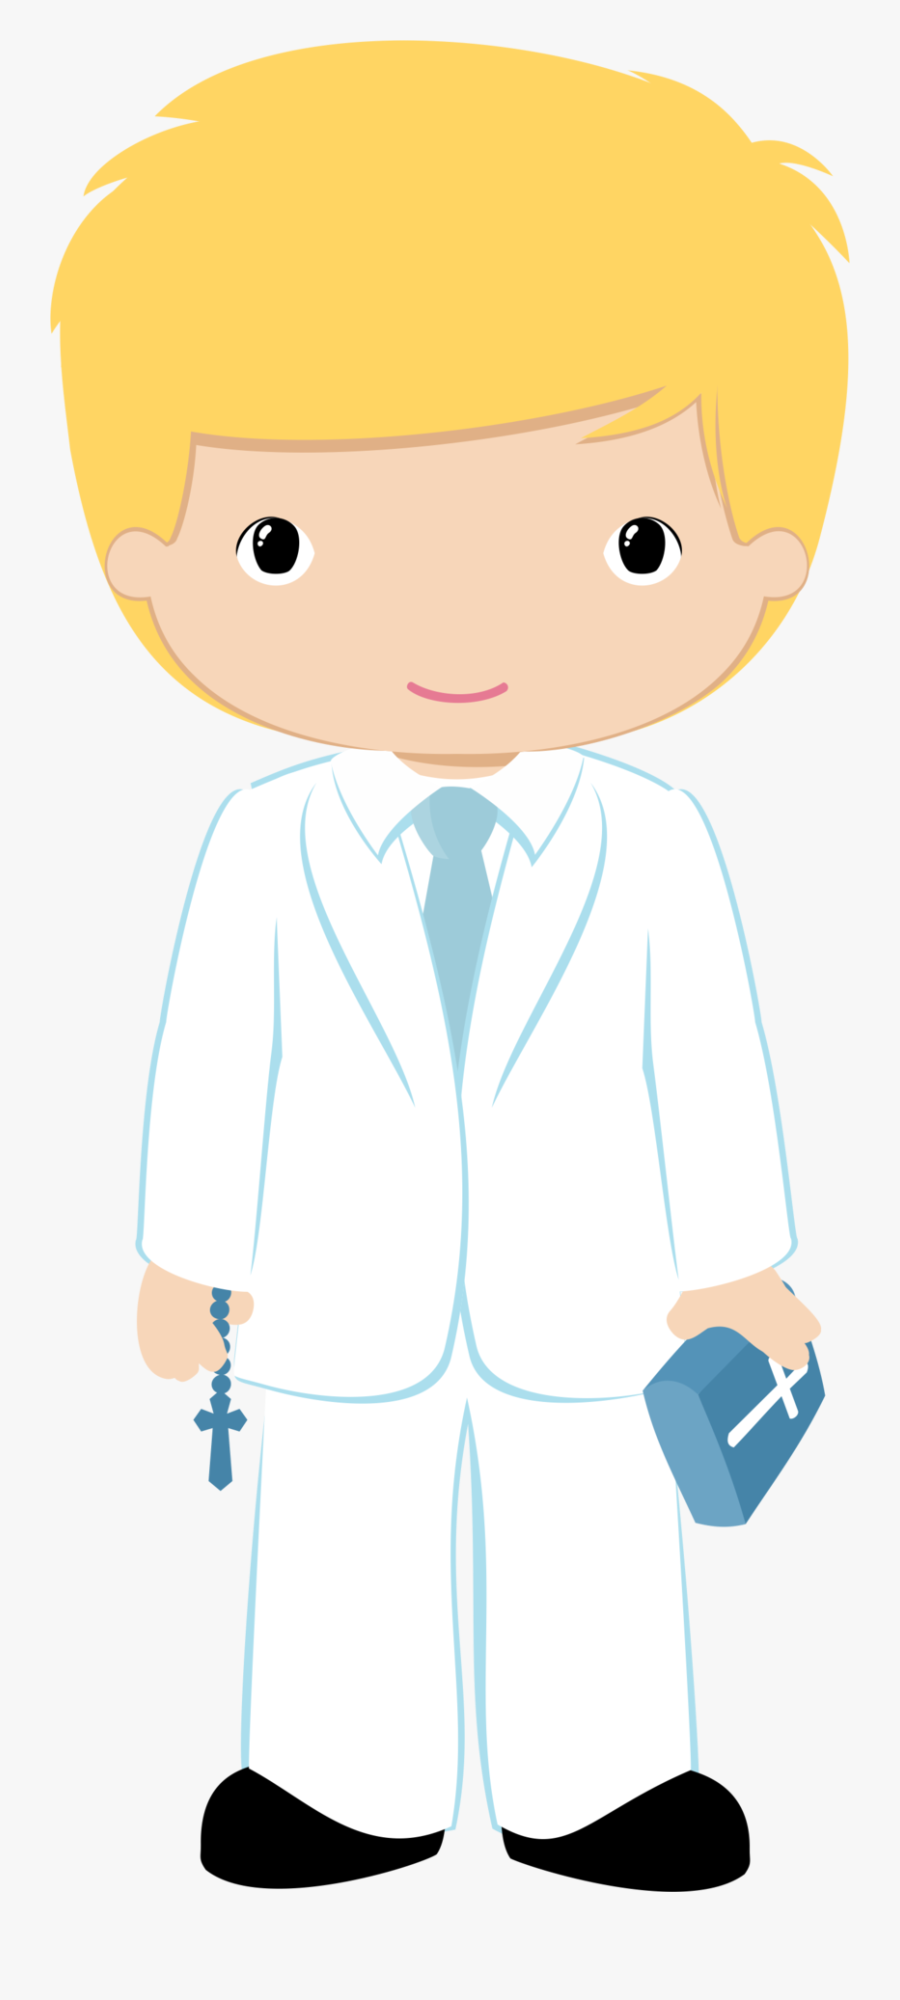 Communion Boy Png - Boy Holy Communion Clipart, Transparent Clipart